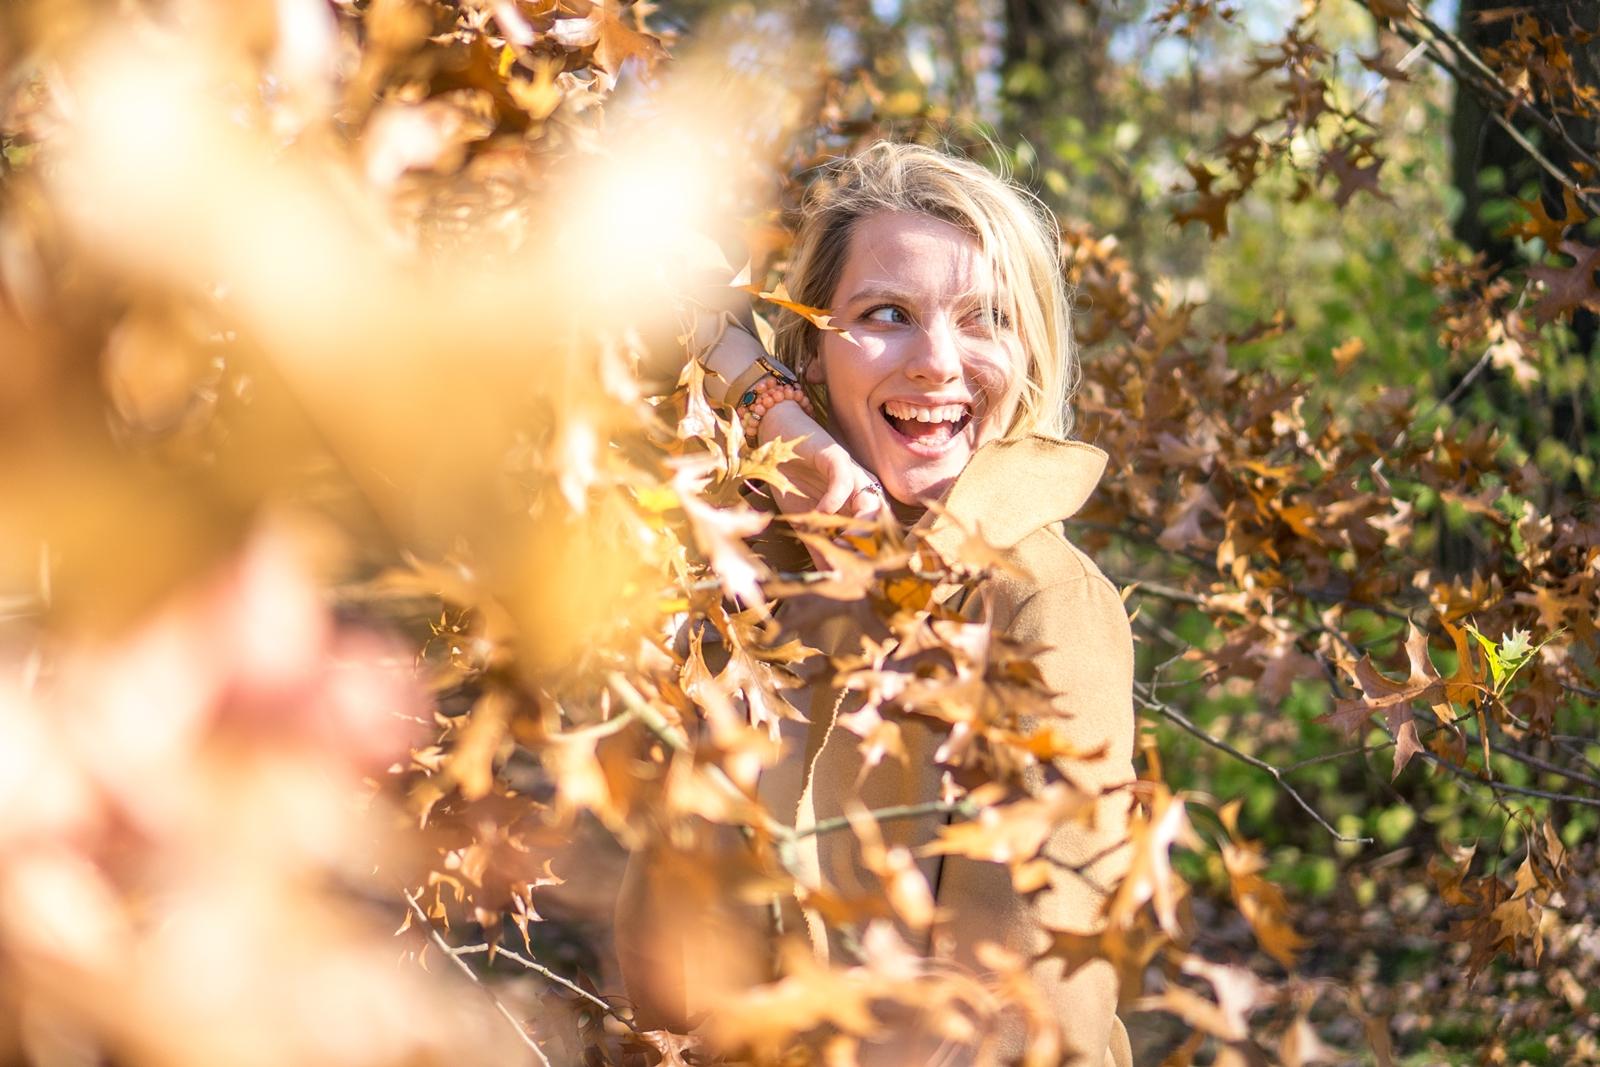 modne stylizacje na jesień i zimę 2019 jak ubrać się na siłownię stylowe komplety dresowe welurowy dres z krótkim topem beżowy dres cena jakość